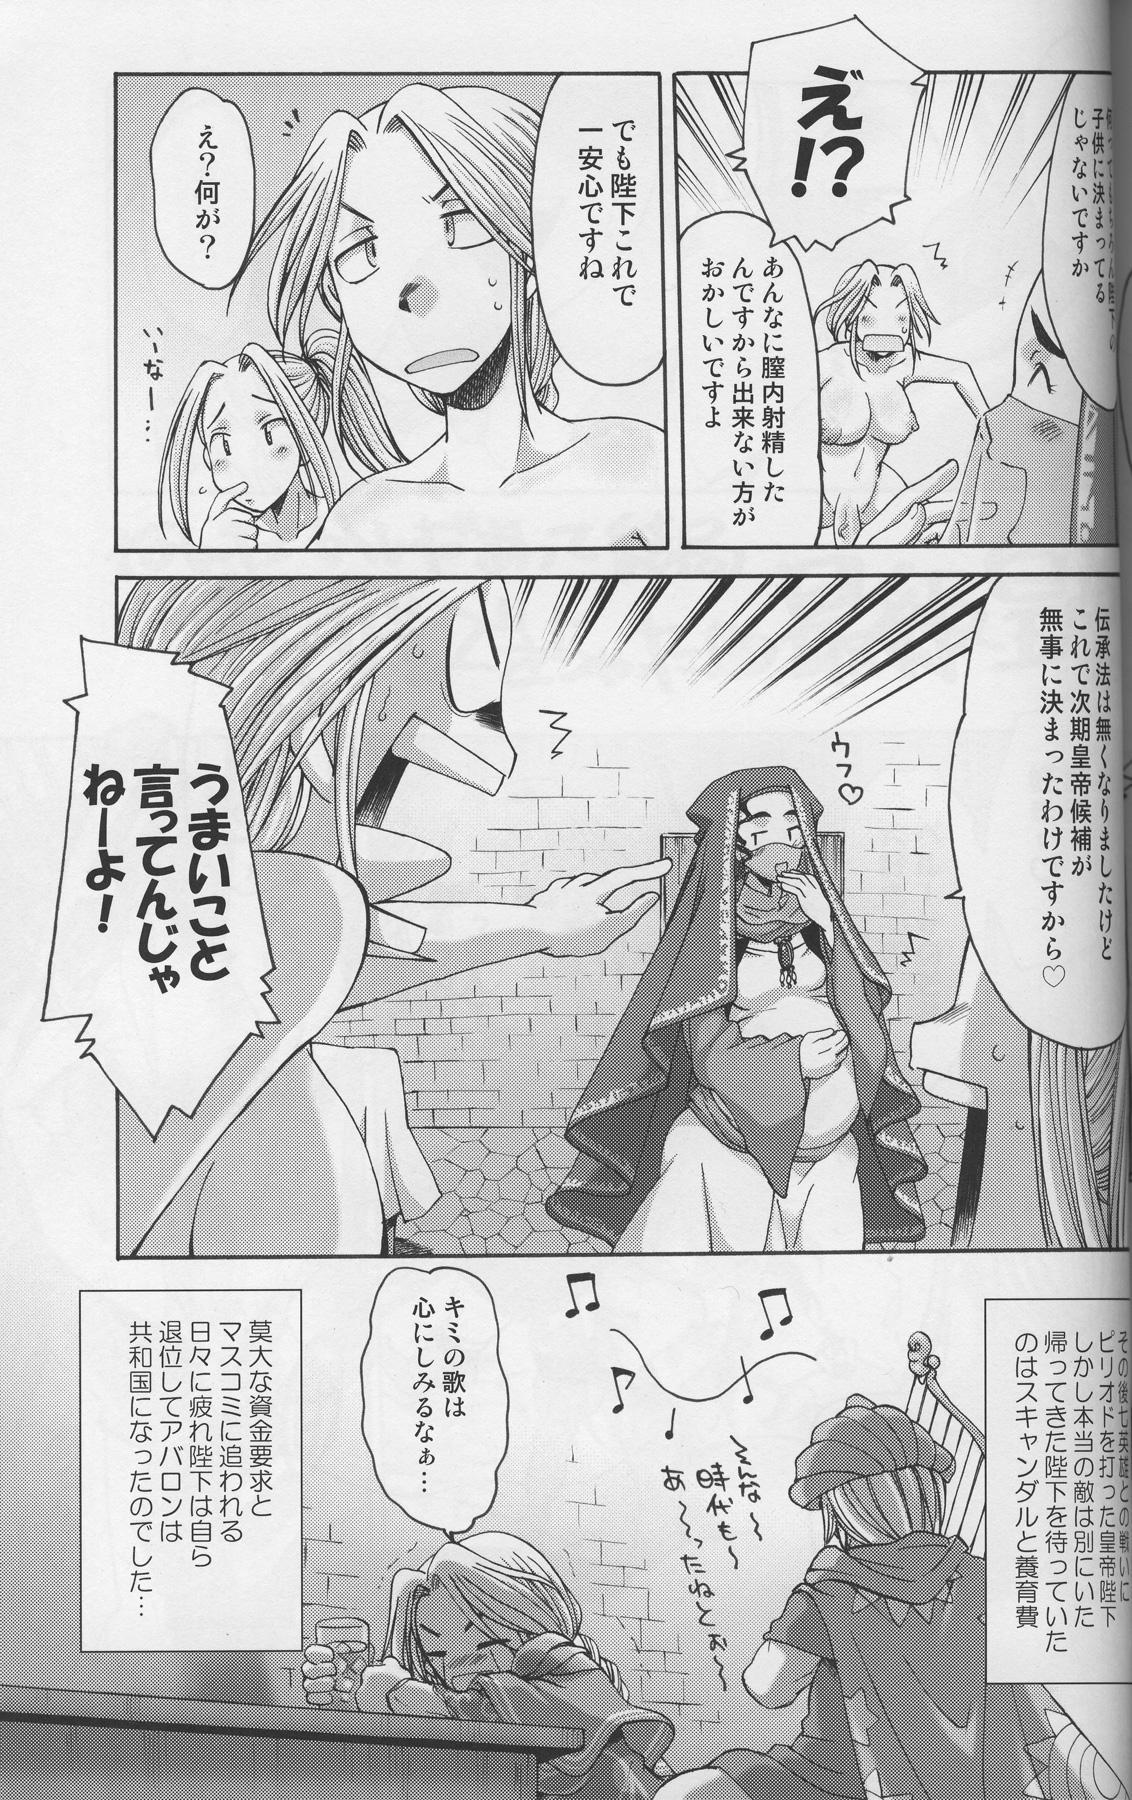 Komakasugite Tsutawaranai Ero Doujin Senshuken Haru no Nijikan SPECIAL 67